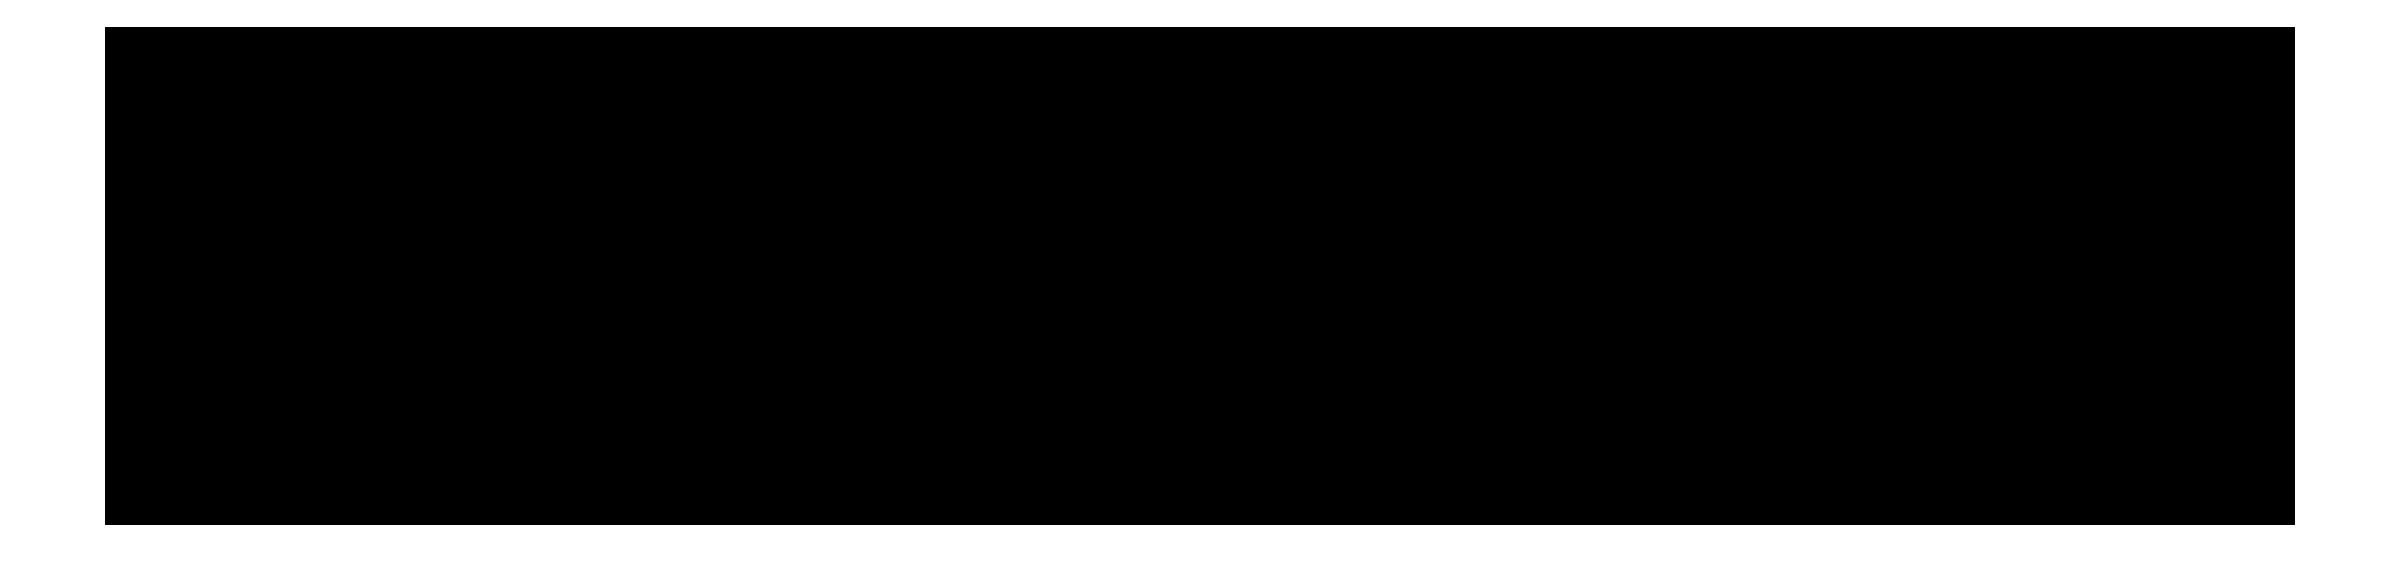 selden-mast-logo-png-transparent